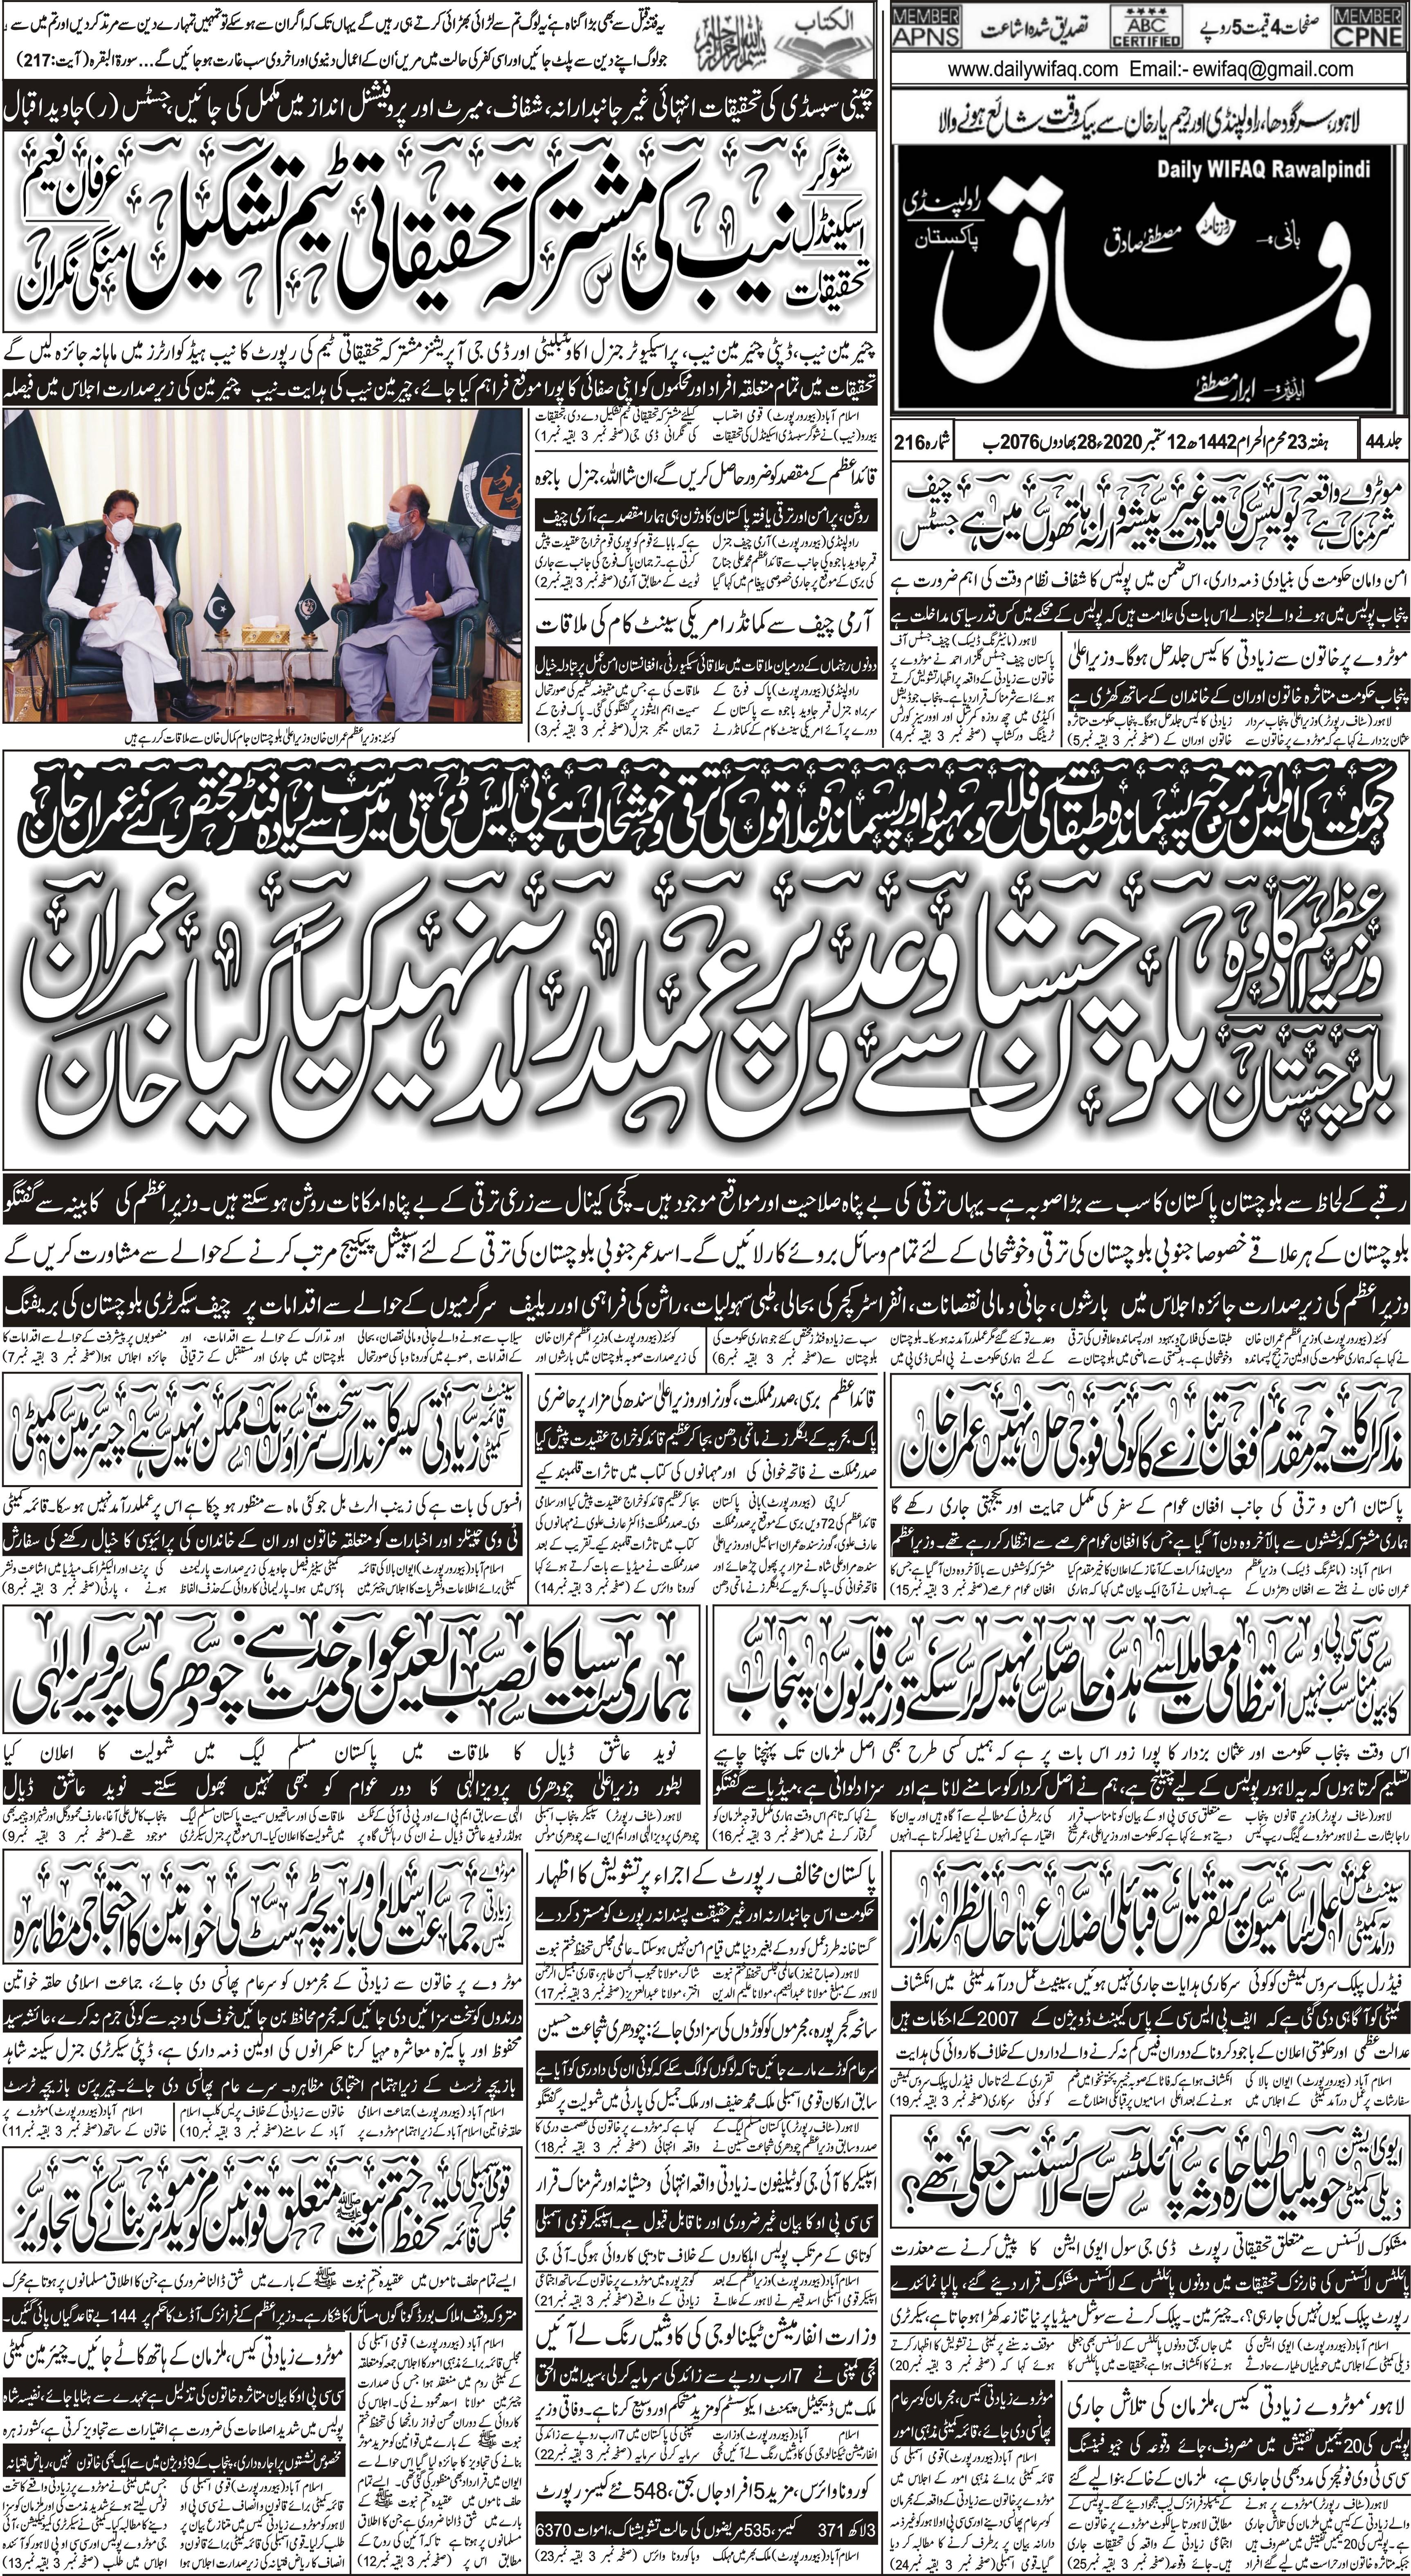 e-Paper – Daily Wifaq – Rawalpindi – 12-09-2020